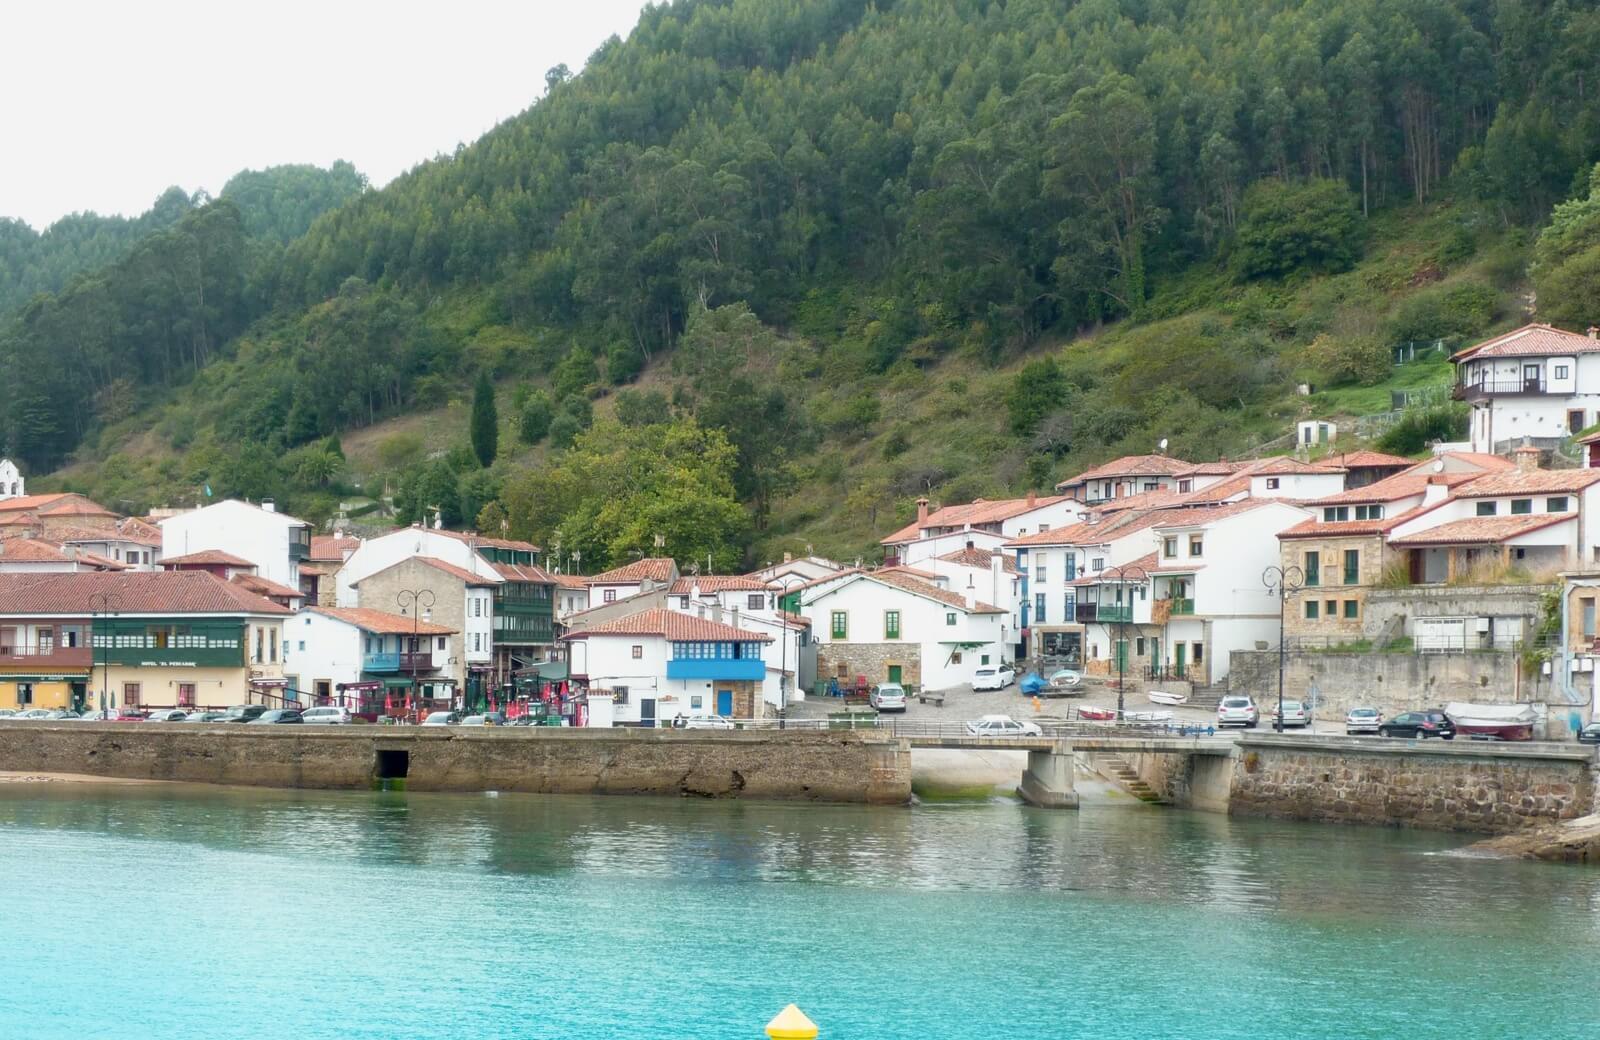 Tazones, puerto marinero de tradición ballenera